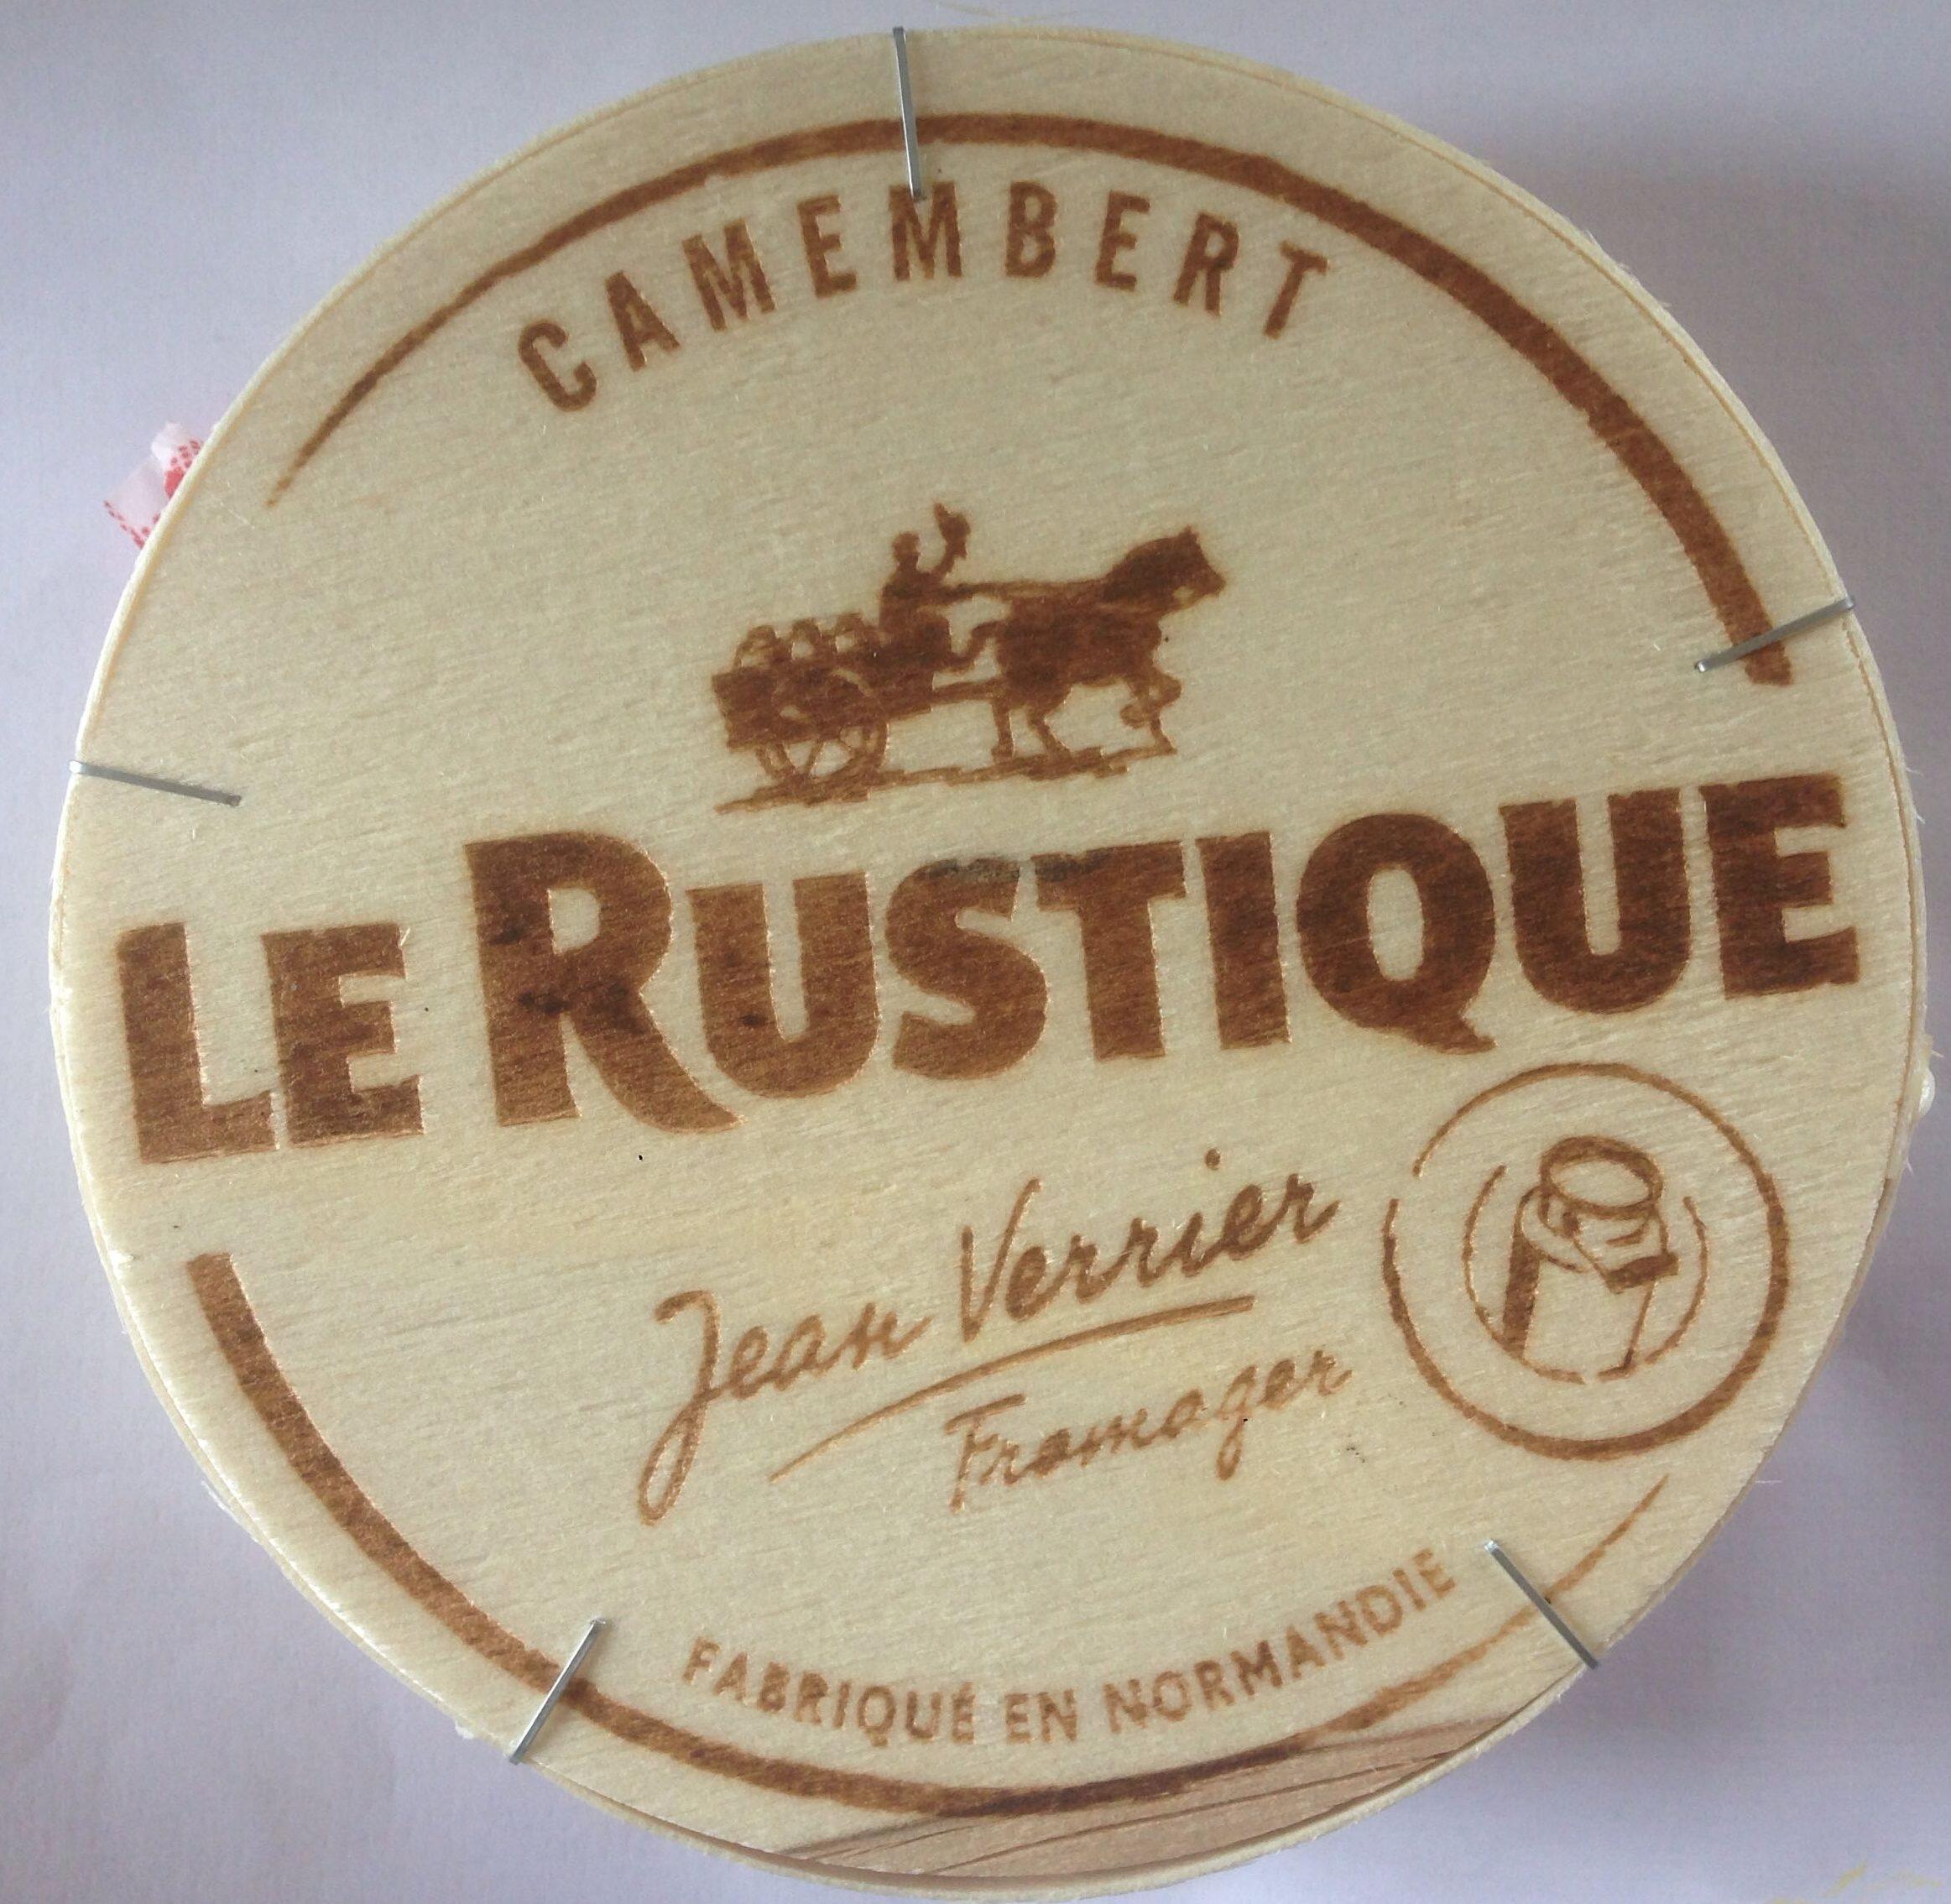 Camembert, Le Rustique de Printemps (20% MG) - Product - fr